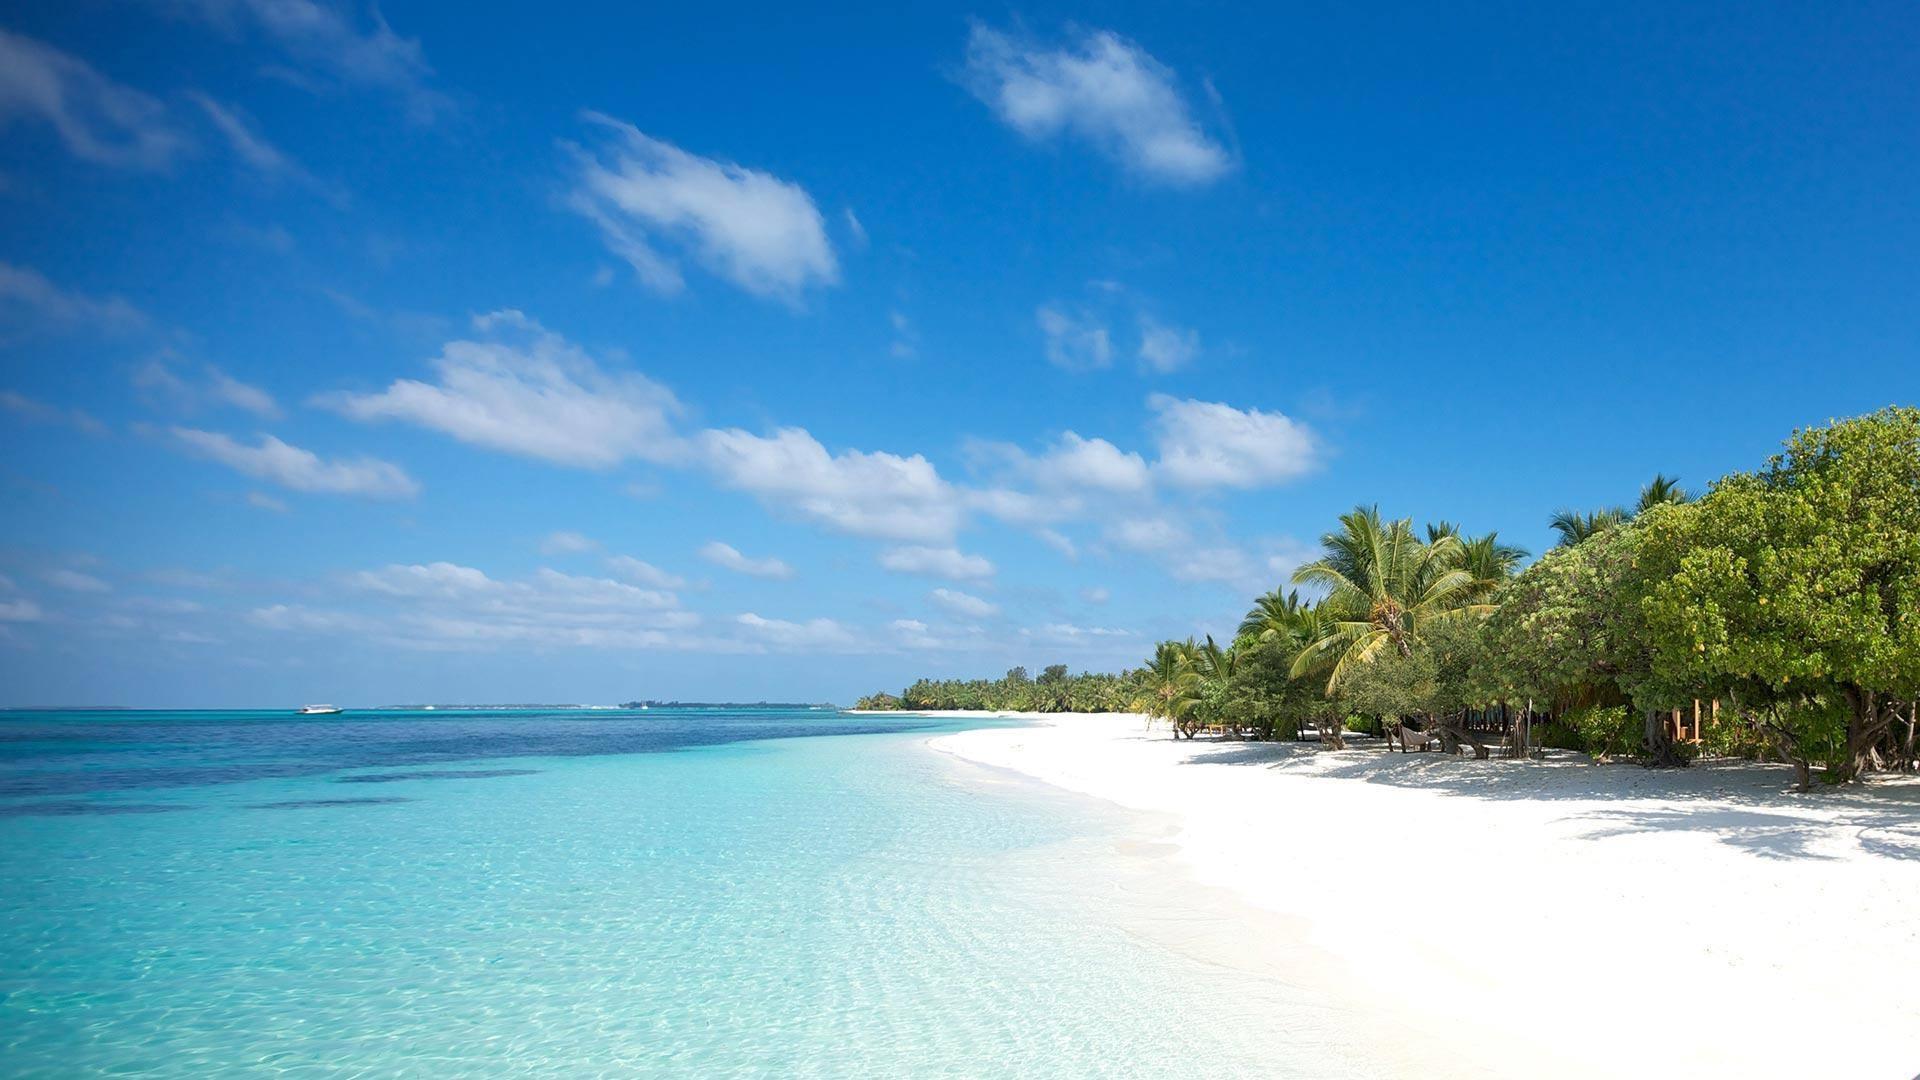 Phú Quốc sở hữu những bãi biển đẹp nhất thế giới những cái nhất của phú quốc Những cái nhất của Phú Quốc – Nơi được đề xuất lên Thành Phố. Ph   Qu   c s    h   u nh   ng b  i bi   n      p nh   t th    gi   i